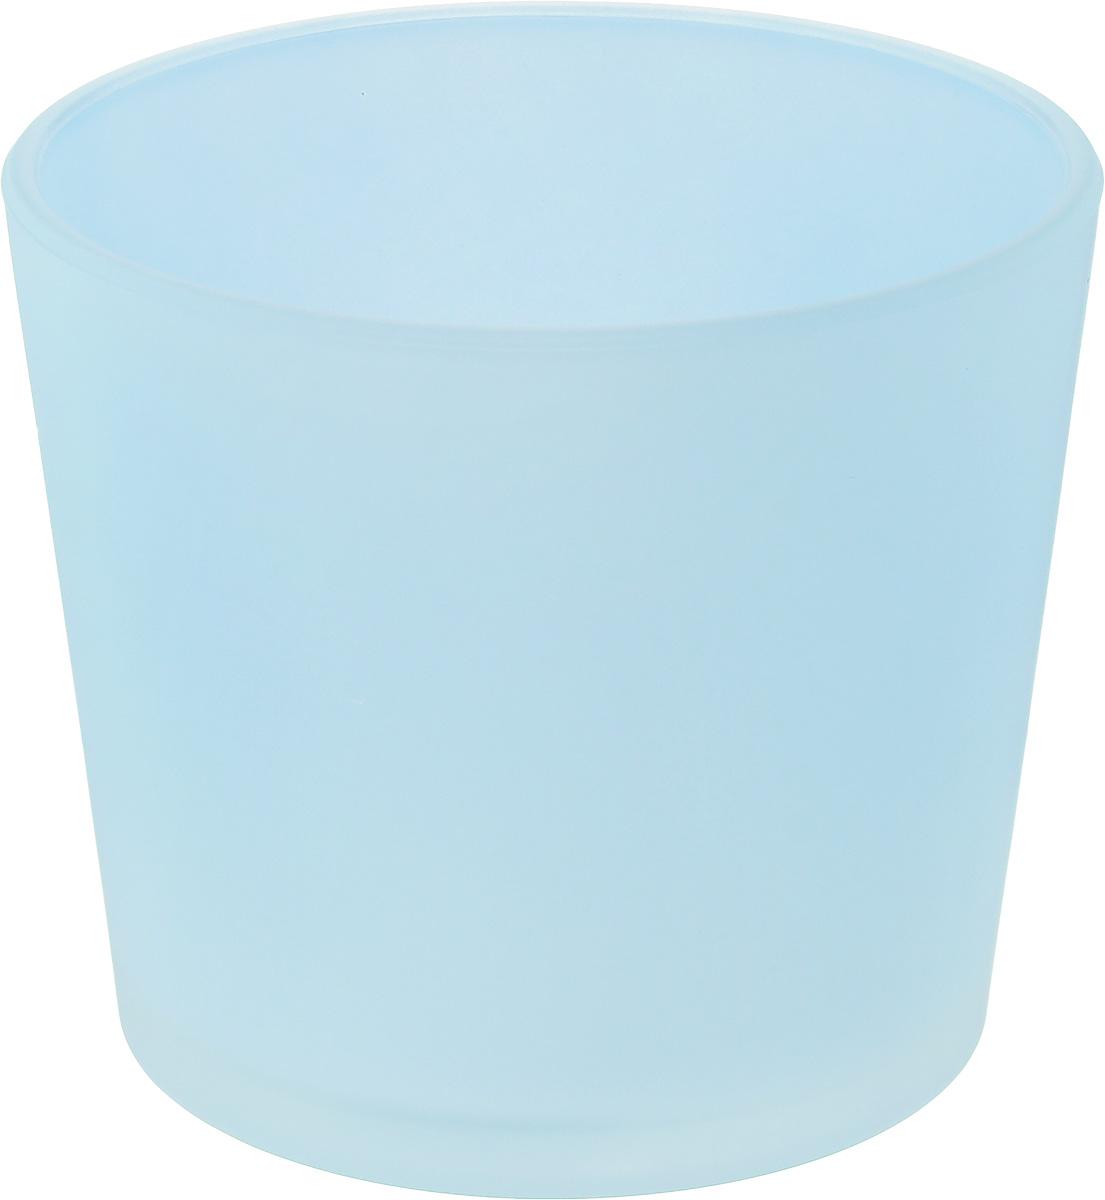 Кашпо NiNaGlass, цвет: голубой, высота 12,5 см91-011-Ф145_голубойКашпо NiNaGlass имеет уникальную форму, сочетающуюся как с классическим, так и с современным дизайном интерьера. Оно изготовлено из высококачественного стекла и предназначено для выращивания растений, цветов и трав в домашних условиях. Кашпо NiNaGlass порадует вас функциональностью, а благодаря лаконичному дизайну впишется в любой интерьер помещения. Диаметр кашпо (по верхнему краю): 14,5 см. Высота кашпо: 12,5 см.